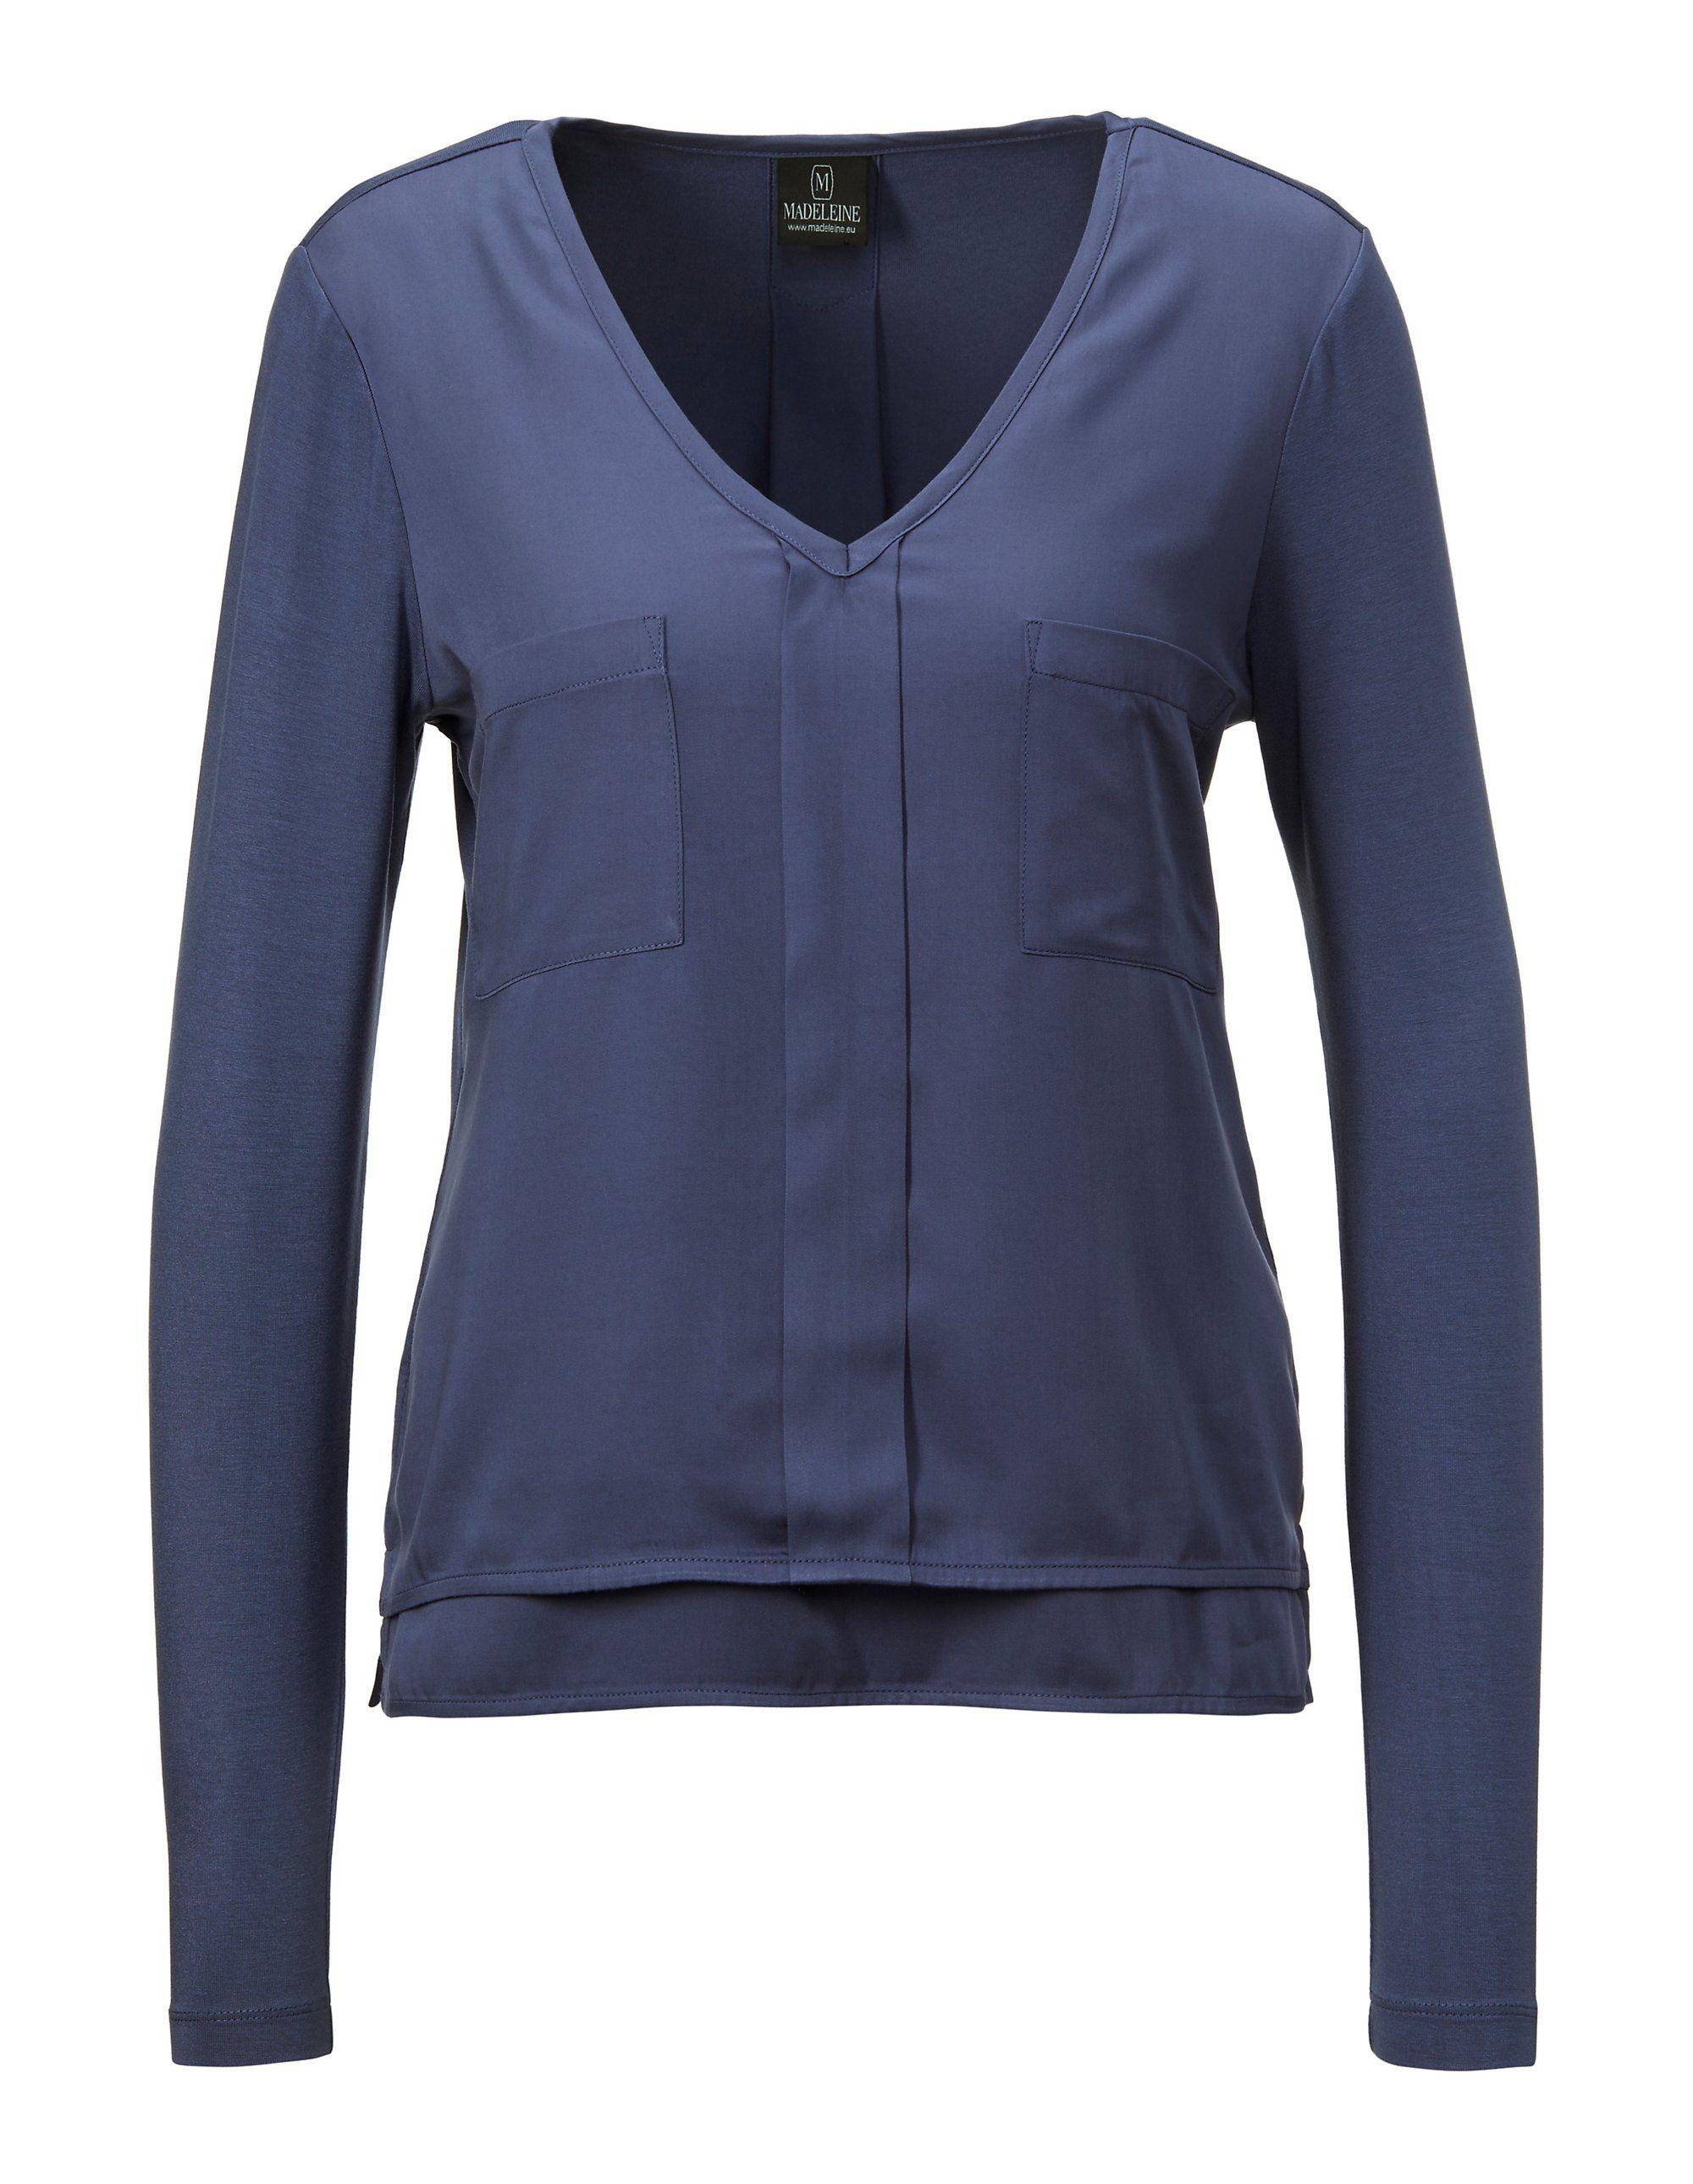 Bluse mit aufgesetzten Taschen in blau MADELEINE Gr 48, indigo für Damen. Viskose. Waschbar